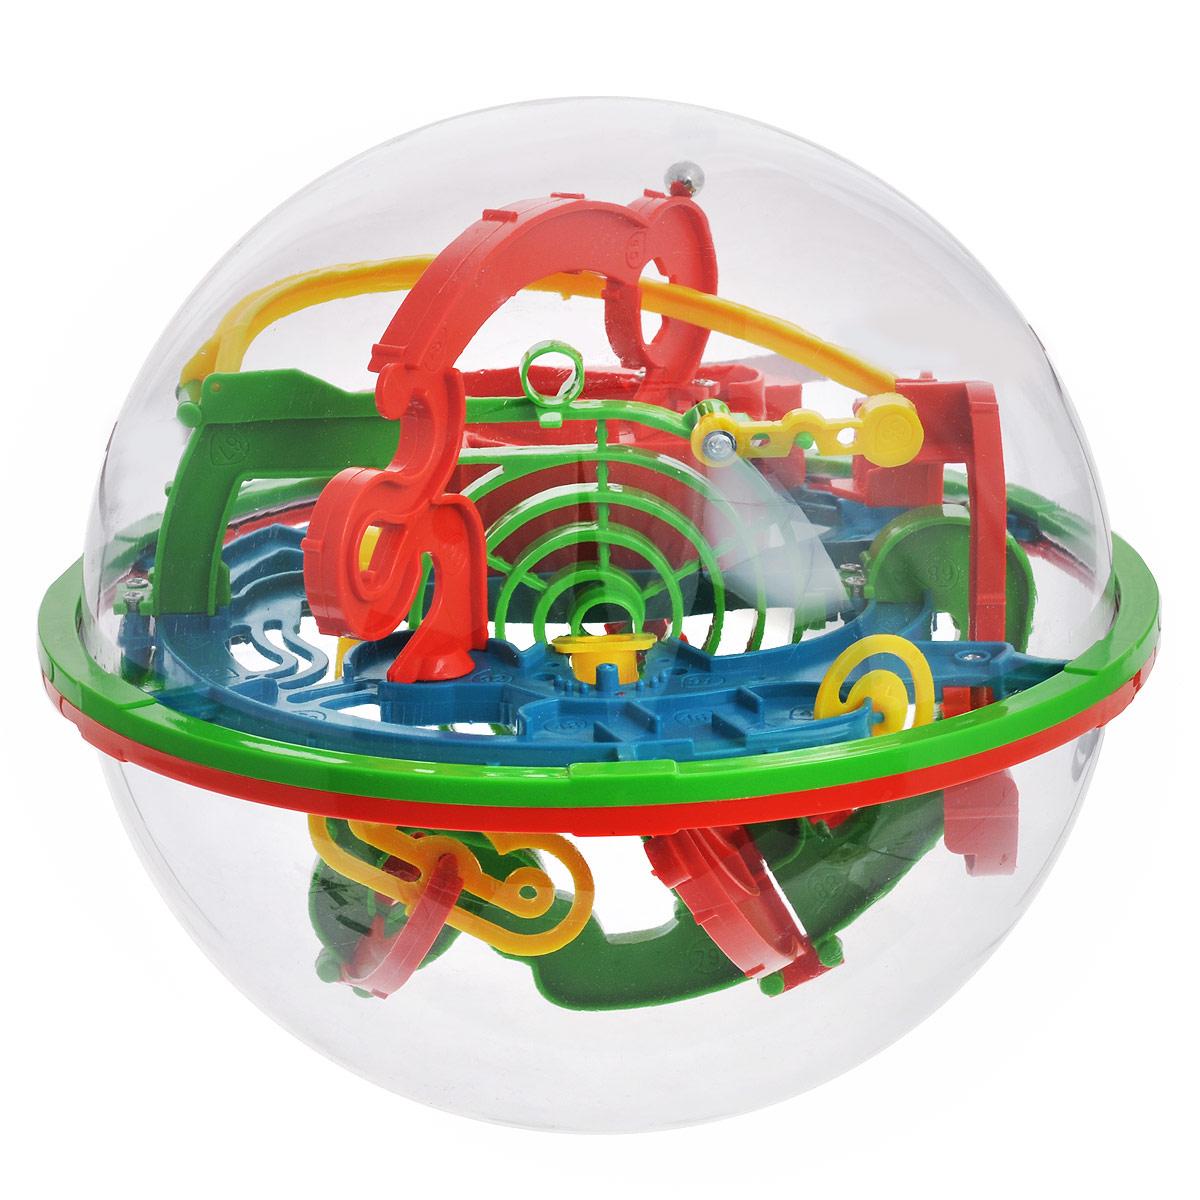 3D-головоломка Maze Ball, 100 барьеров, 20 смHF-923A3D-головоломка Maze Ball на 100 барьеров выполнена в ярких цветах в виде мяча-головоломки, который заинтересует внимание не только ребенка, но и взрослого. Задача заключается в том, чтобы поворачивая сферу, заставить шарик внутри нее двигаться вперед по желобам в порядке нумерации. Нужно добраться до финиша за максимально короткое время. 3D-головоломка Maze Ball помогает развить навыки работы с объектами, логическое мышление, чувство равновесия и восприятие пространства. Спокойствие - главный залог выигрыша. Не теряйте терпения, иначе никогда не добьетесь результата. Используйте ваше пространственное воображение на 100% и внимательно изучайте характеристики каждого барьера. Изменяйте положение интеллектуального шара, чтобы внутренний шарик всегда оставался на горизонтальной поверхности. Так вы шаг за шагом будете продвигаться к победе.